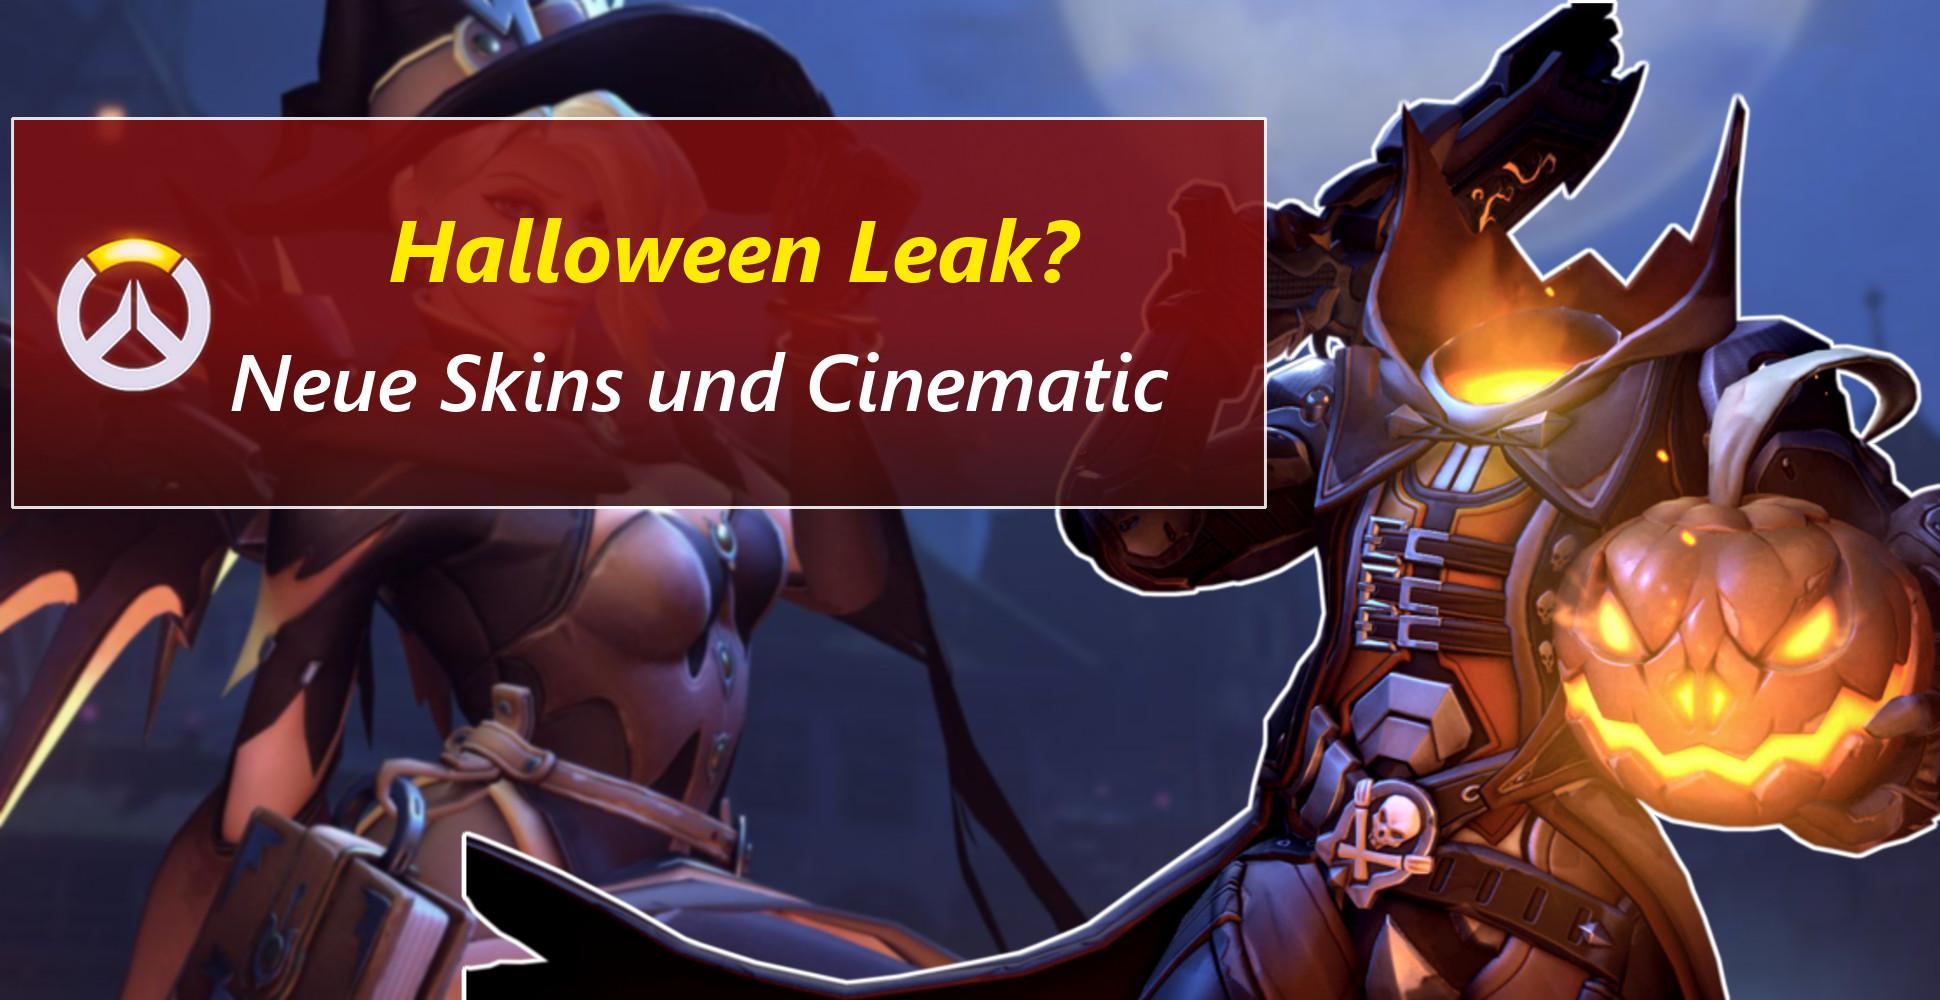 """Overwatch: Halloween 2017 """"Leak"""" – Neuer Held """"Zeno""""?"""